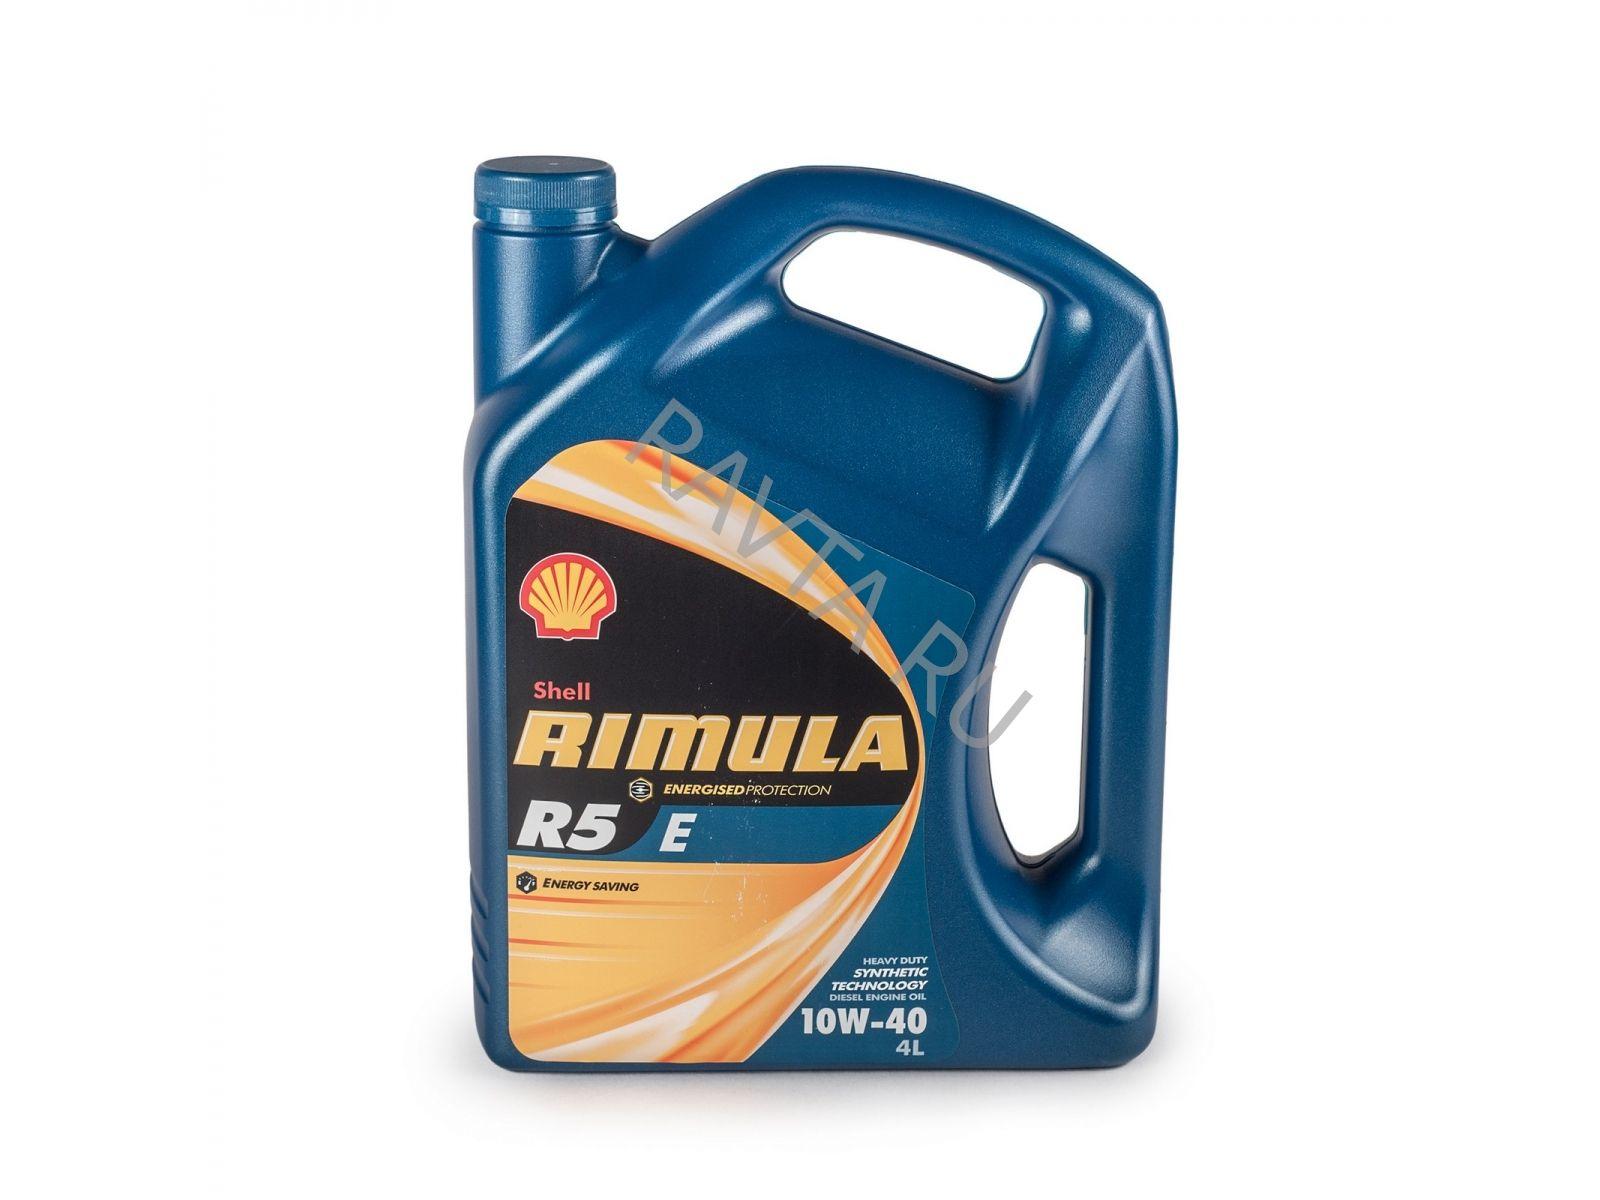 Масло Shell Rimula R5 E 10W-40 ((4л)) от Ravta